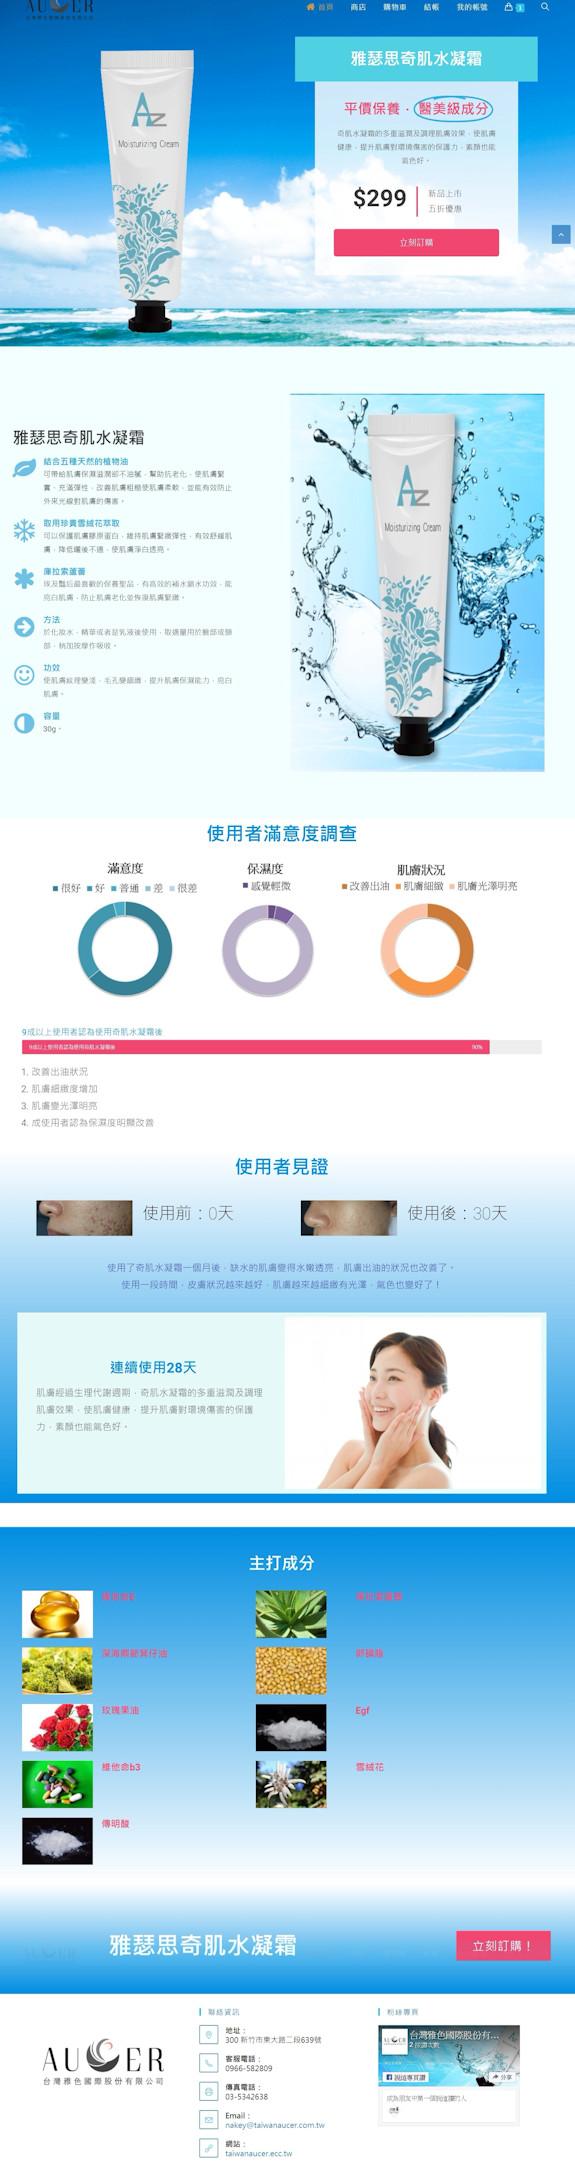 網頁設計-台灣雅色3